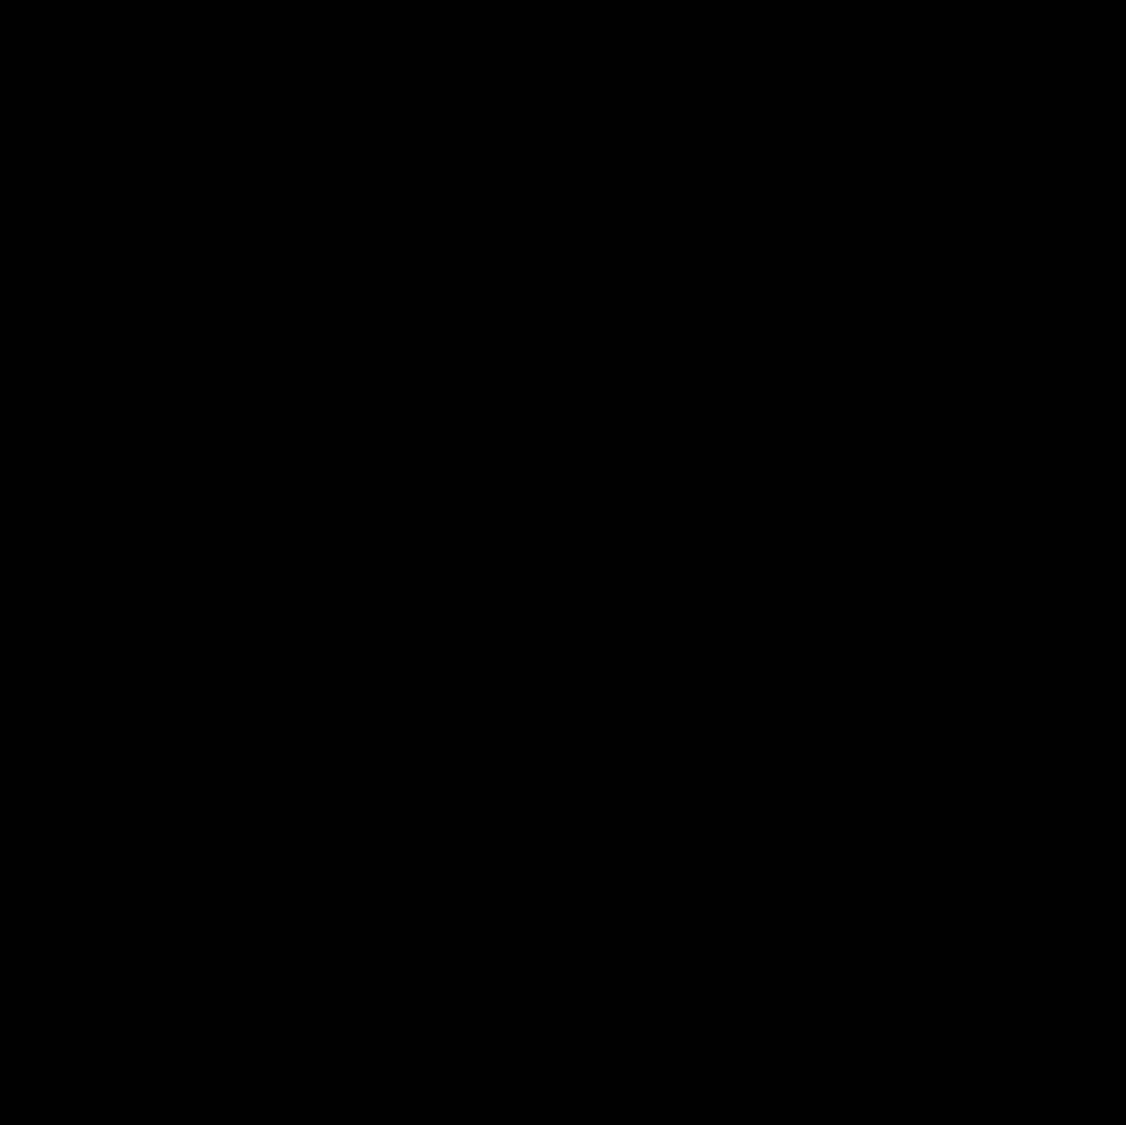 Międzynarodowy Język Migowy